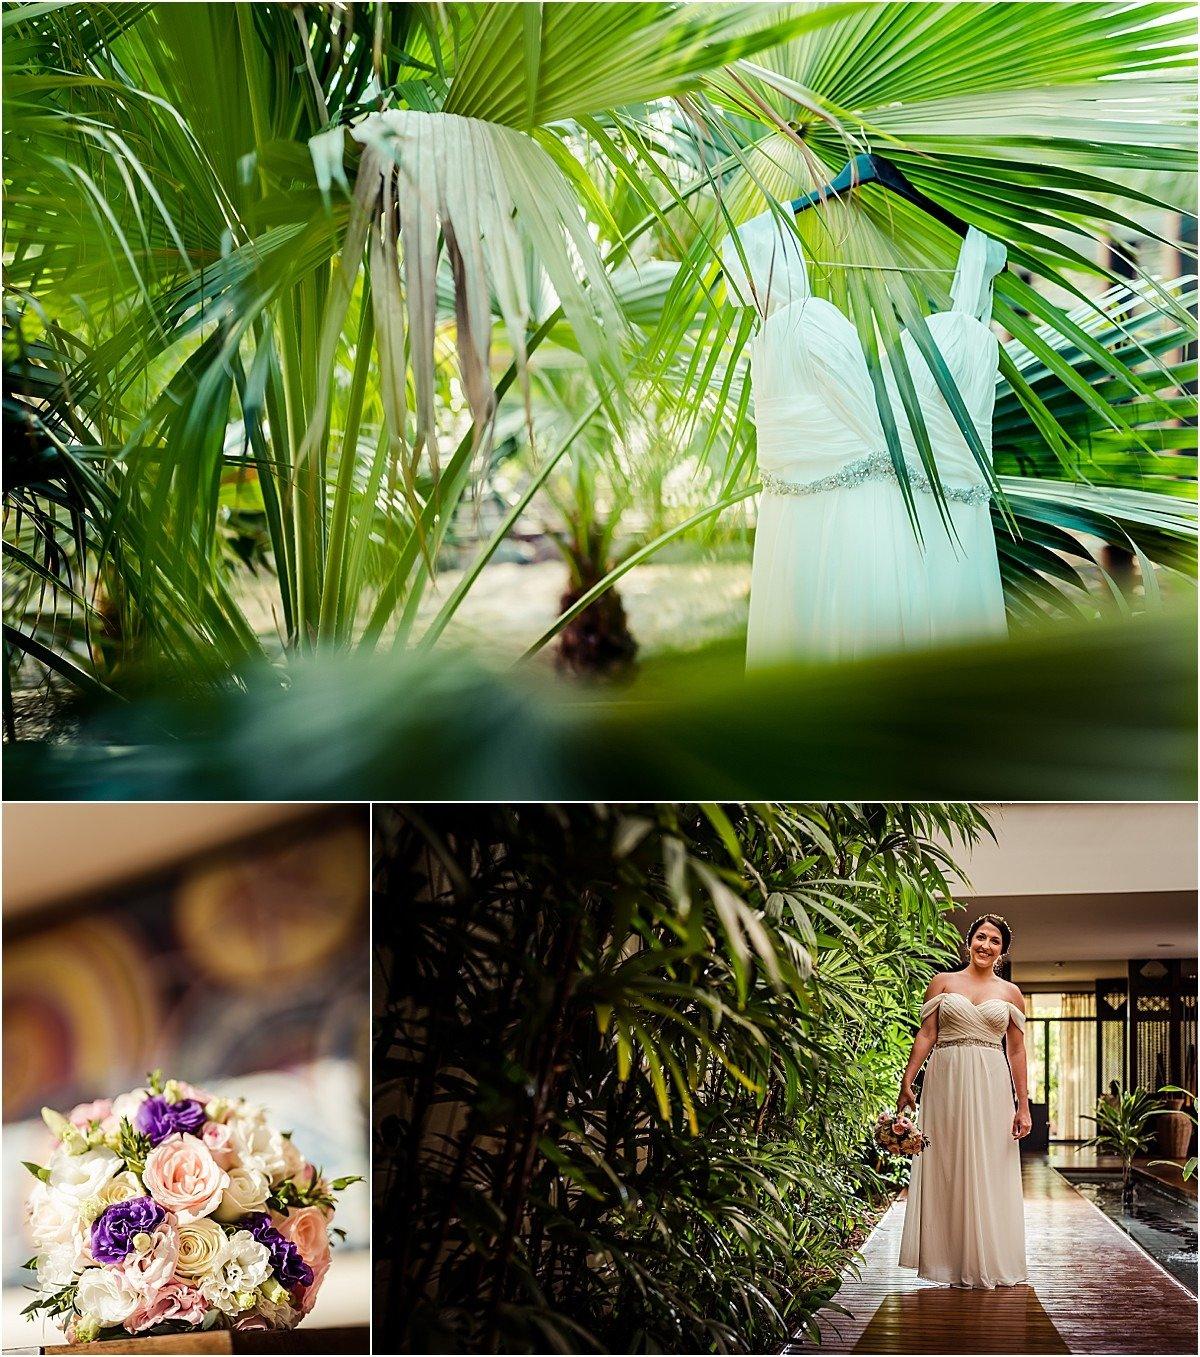 conchal elopement details in the garden